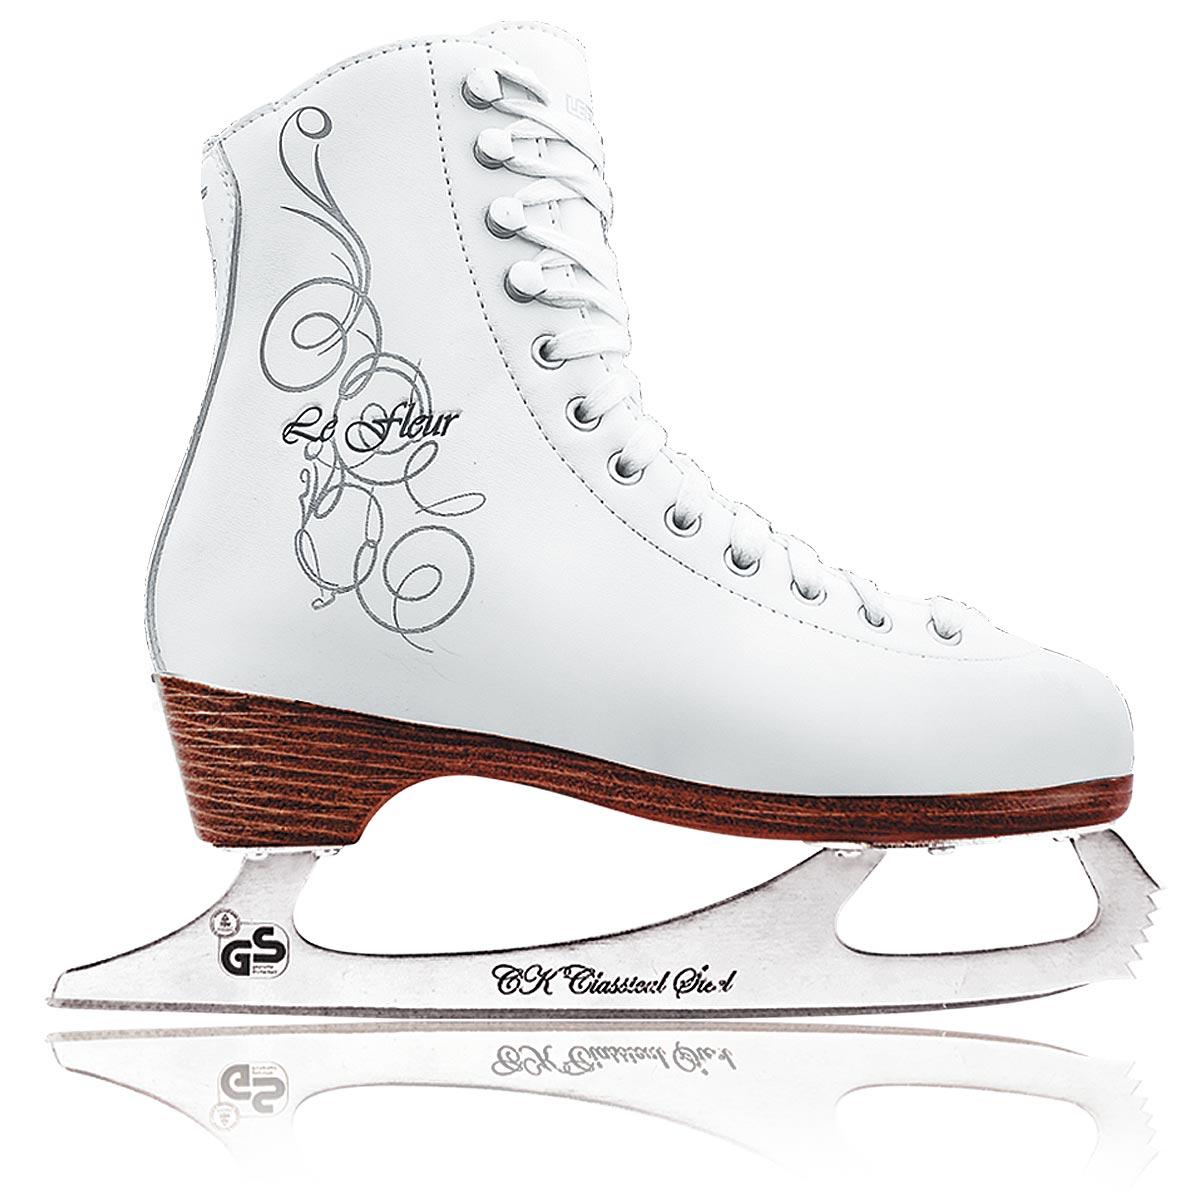 Коньки фигурные для девочки СК Le Fleur Leather 100%, цвет: белый, серебряный. Размер 35Le Fleur Leather 100%_белый, серебряный_35